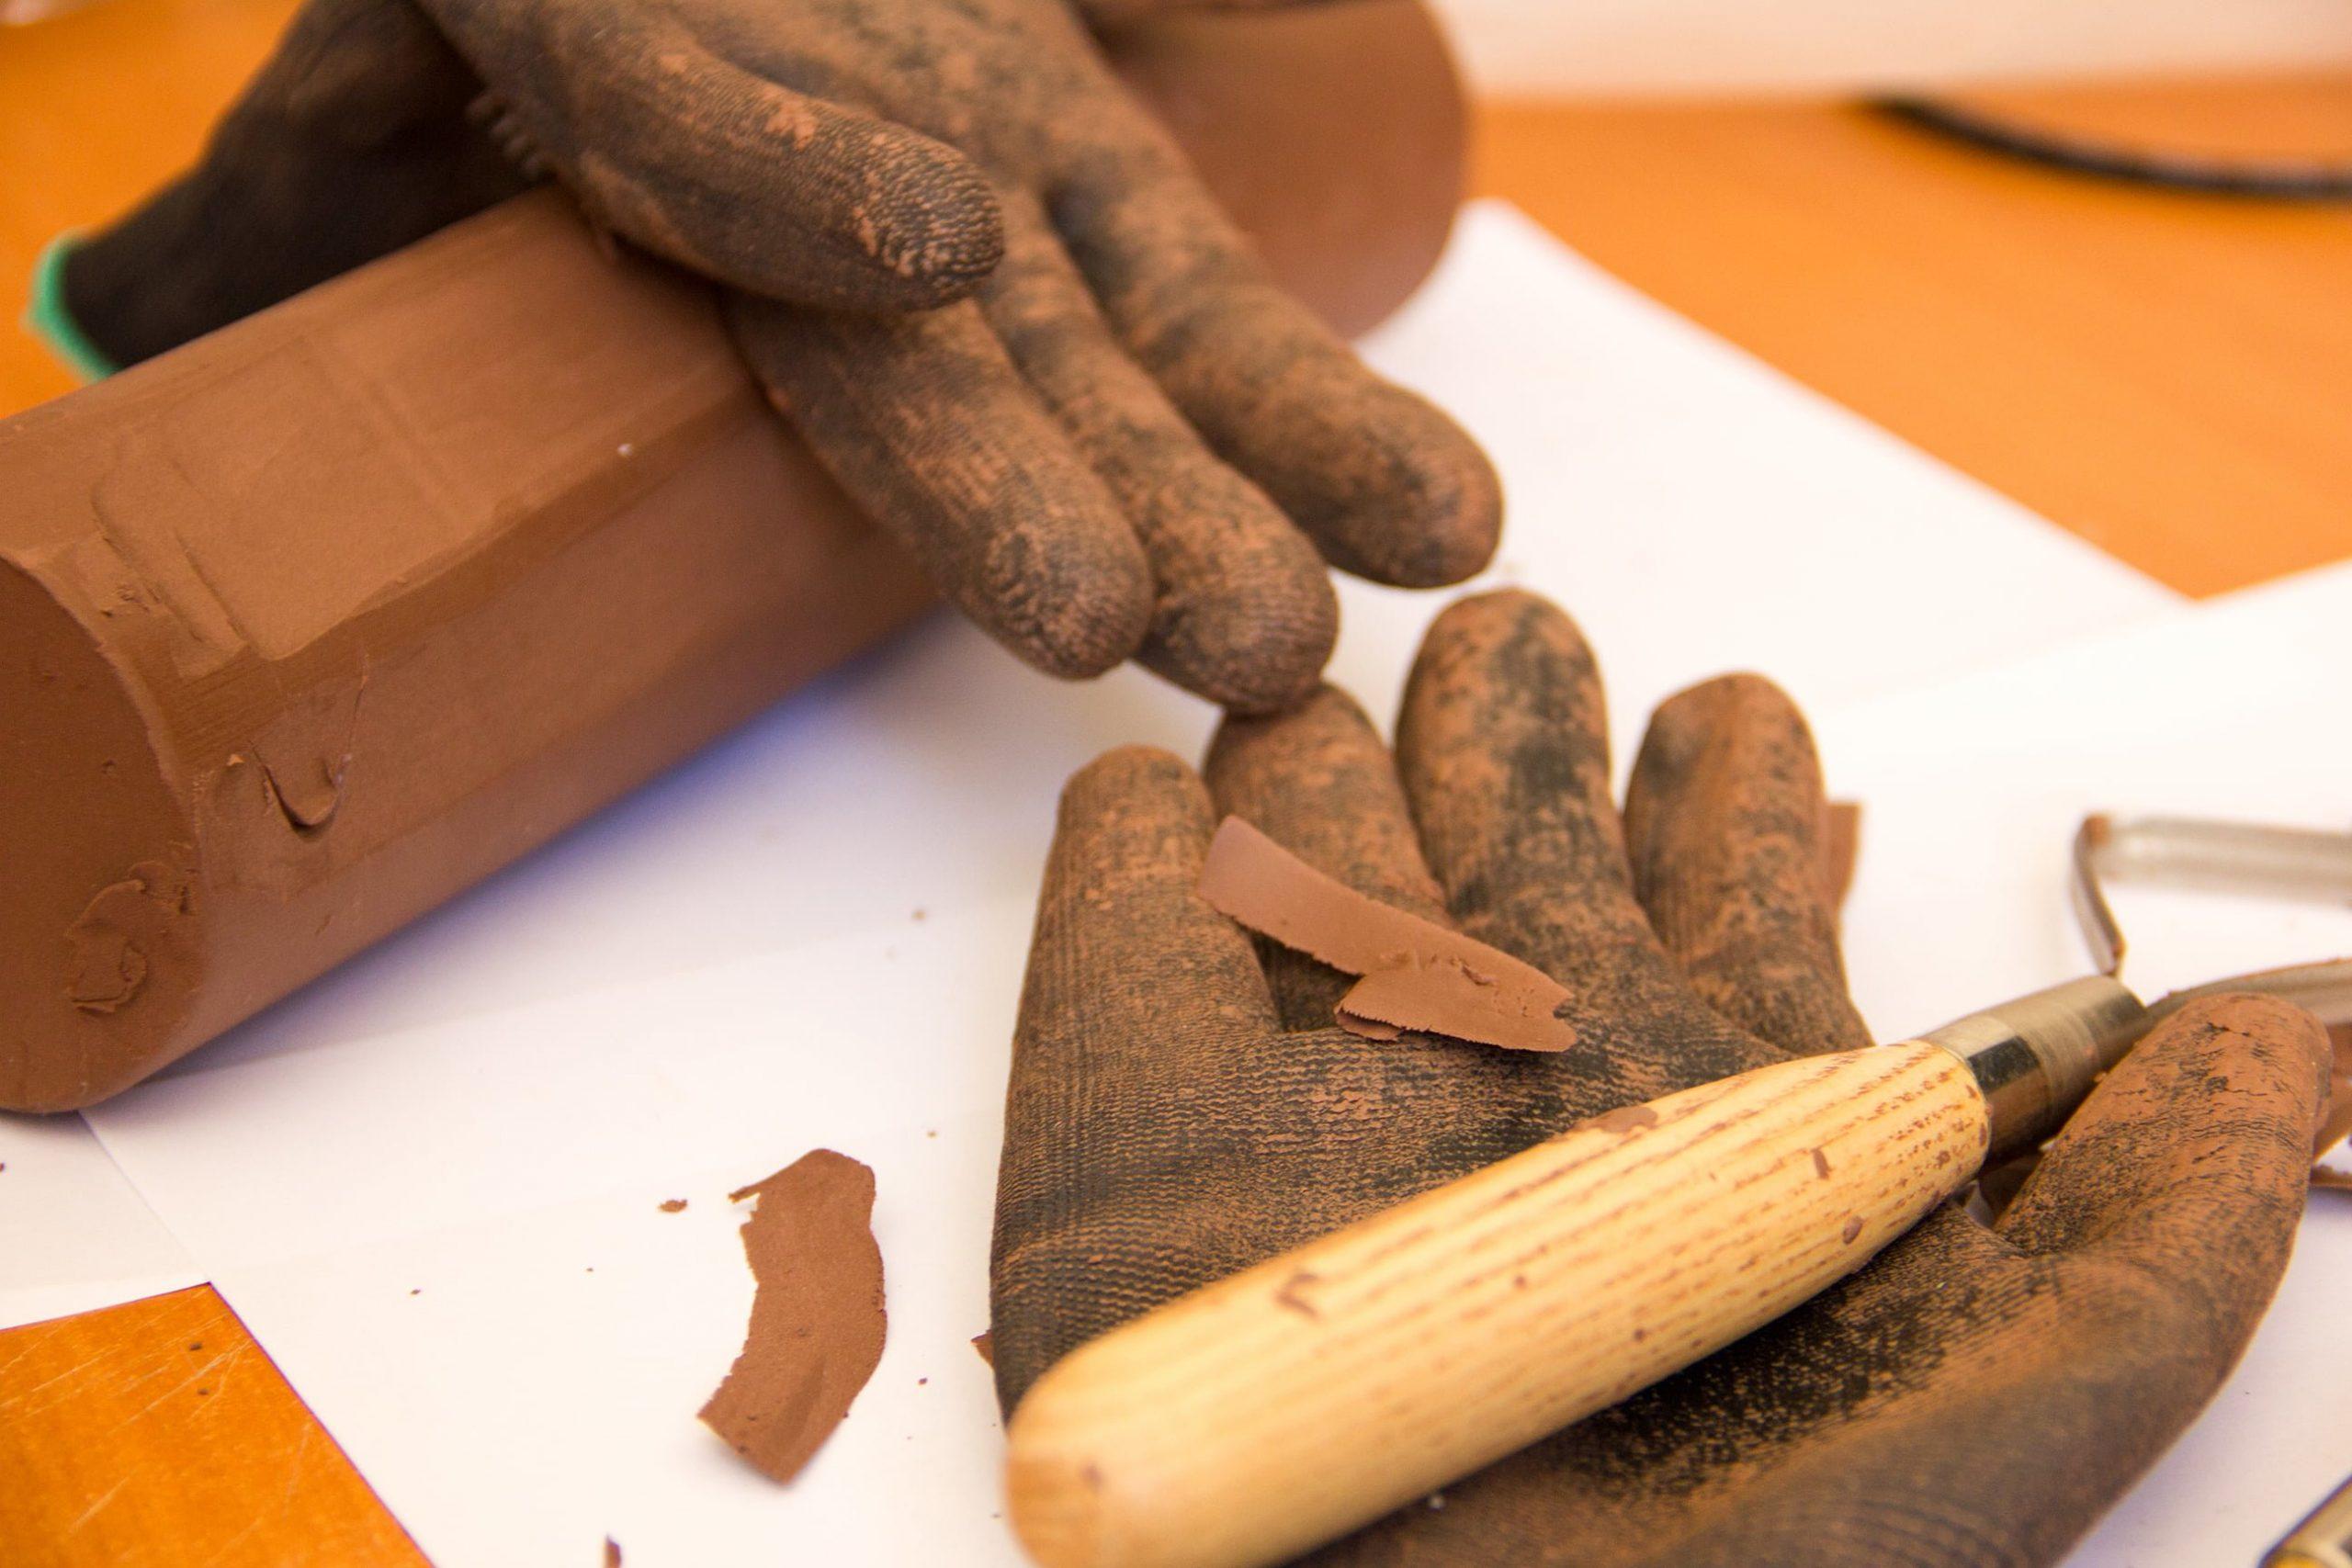 Arcilla libre de sulfuro, Nuestra Arcilla, Claying mx, pasión por el diseño, herramientas de modelado, diseño industrial, diseño automotriz, artes plásticas